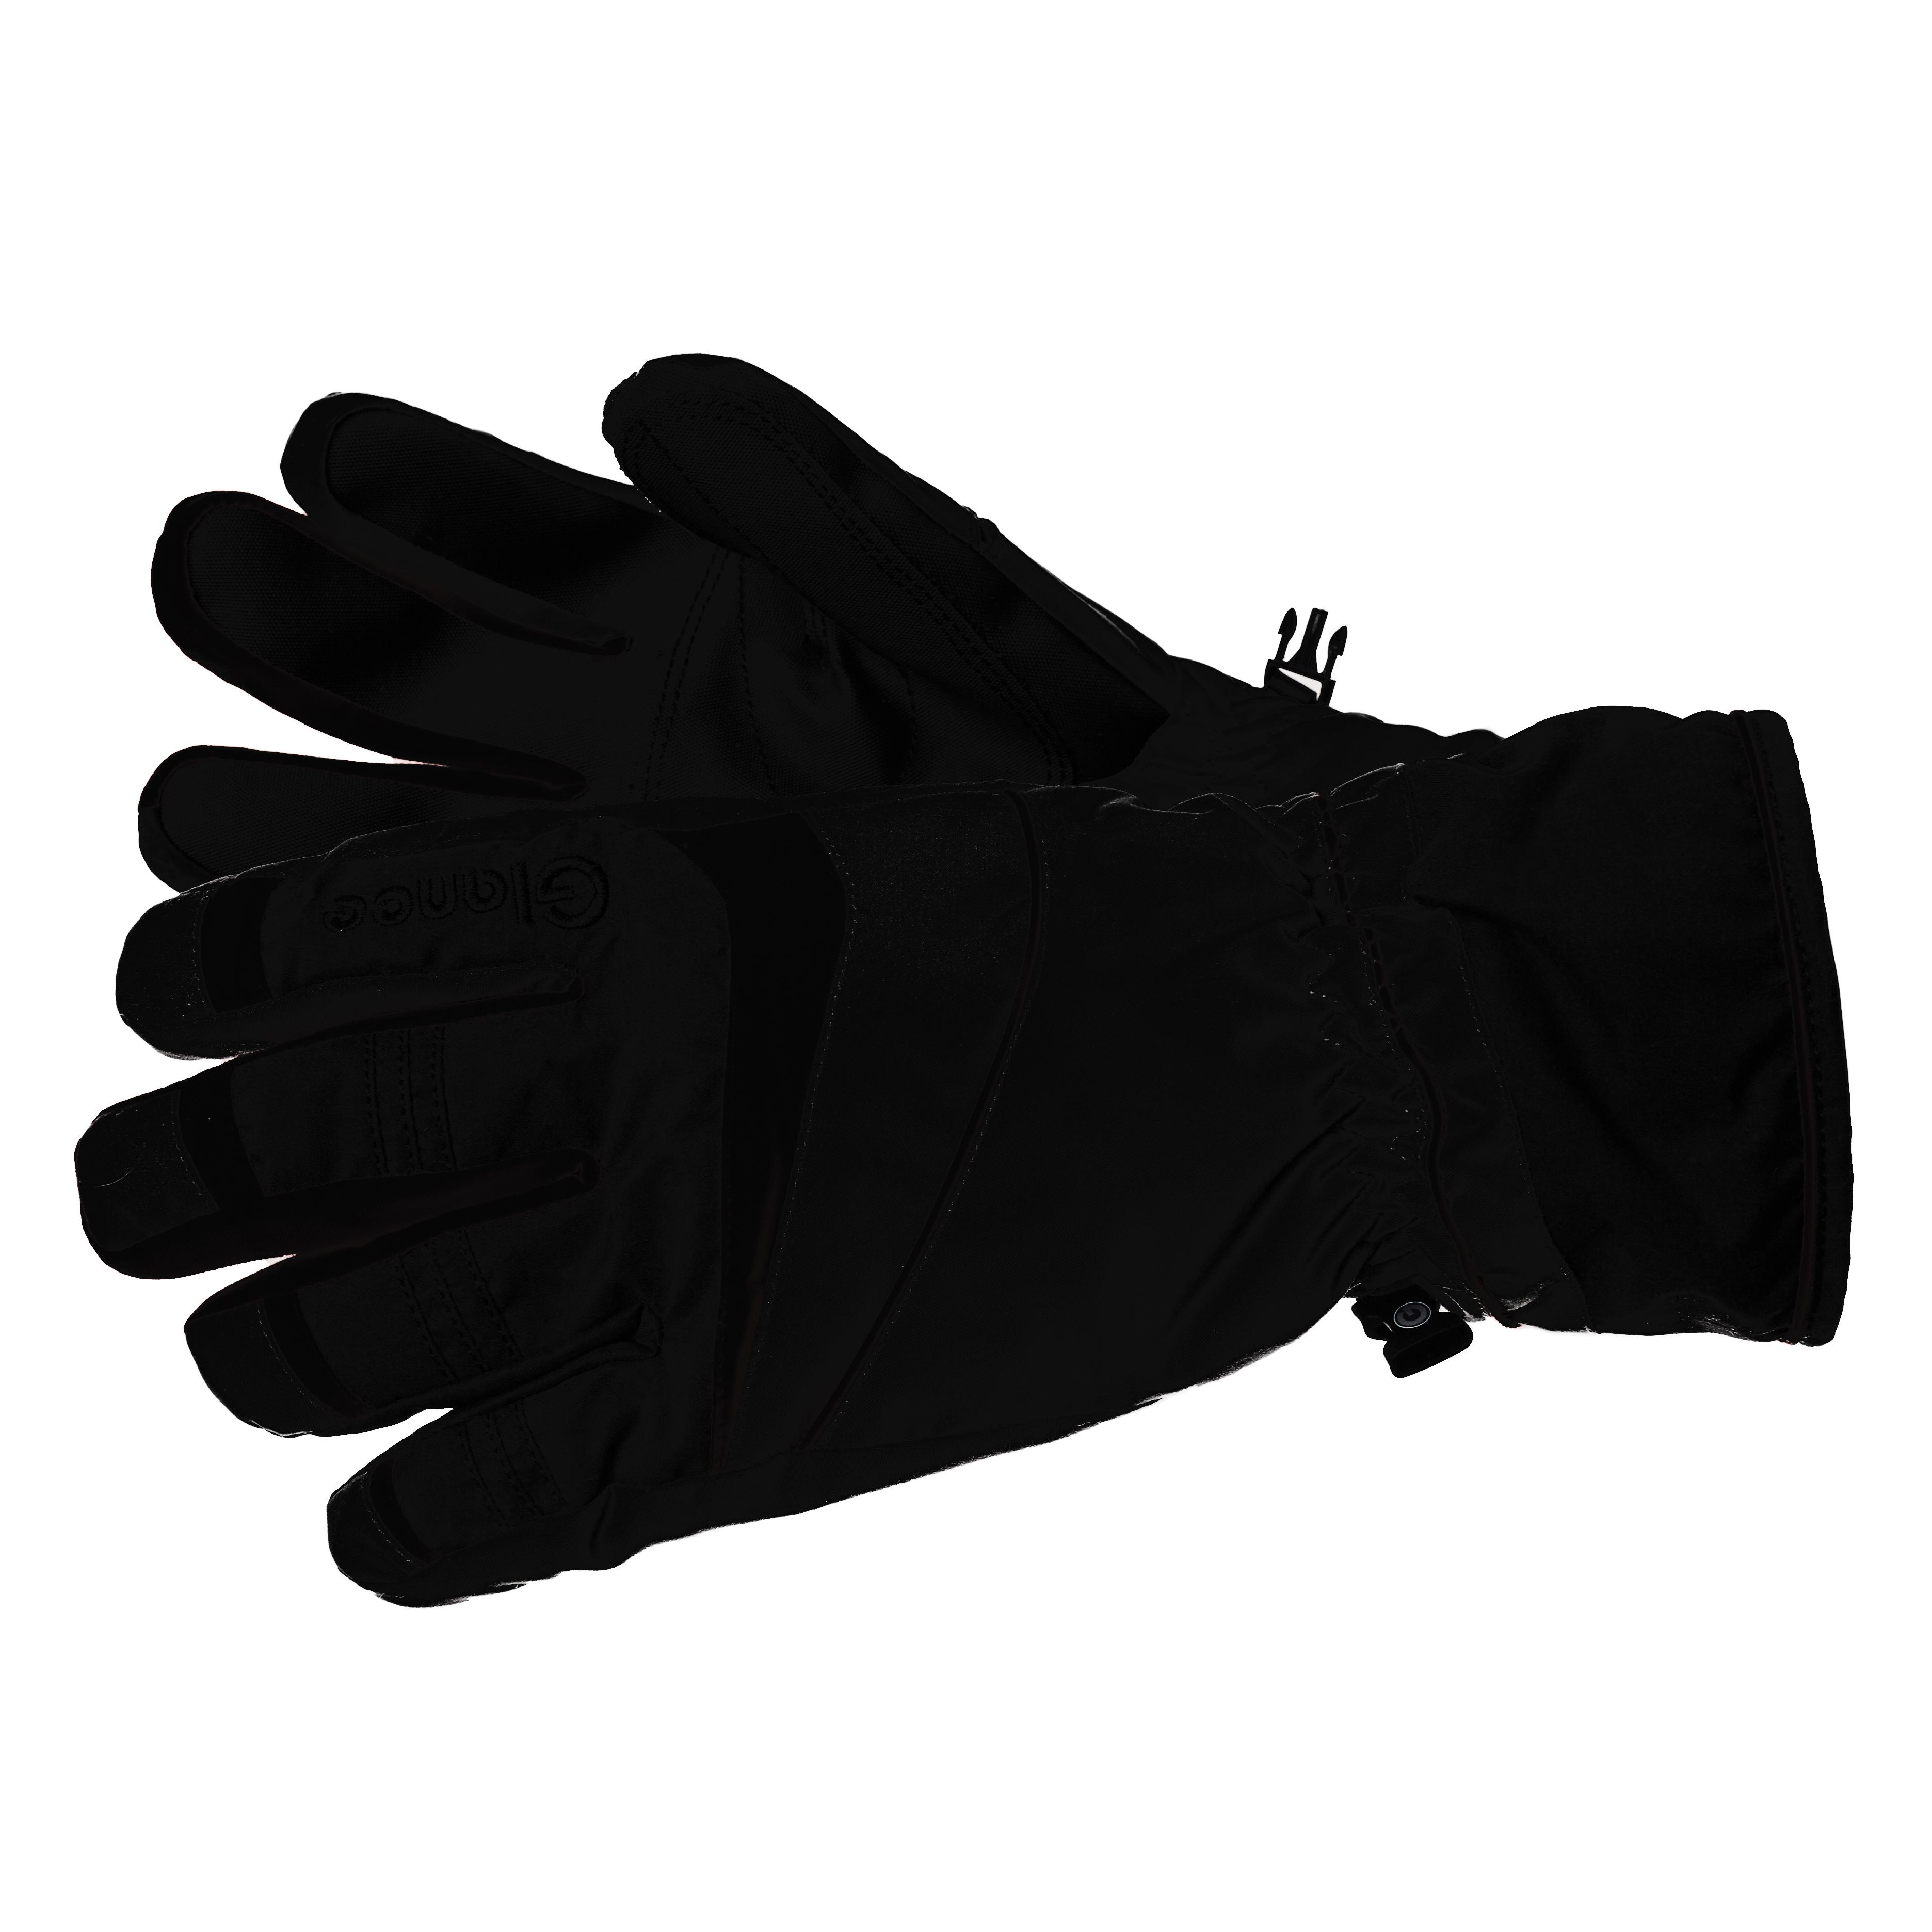 Купить Перчатки горные GLANCE Uno black/black/black (черный) Перчатки, варежки 862748